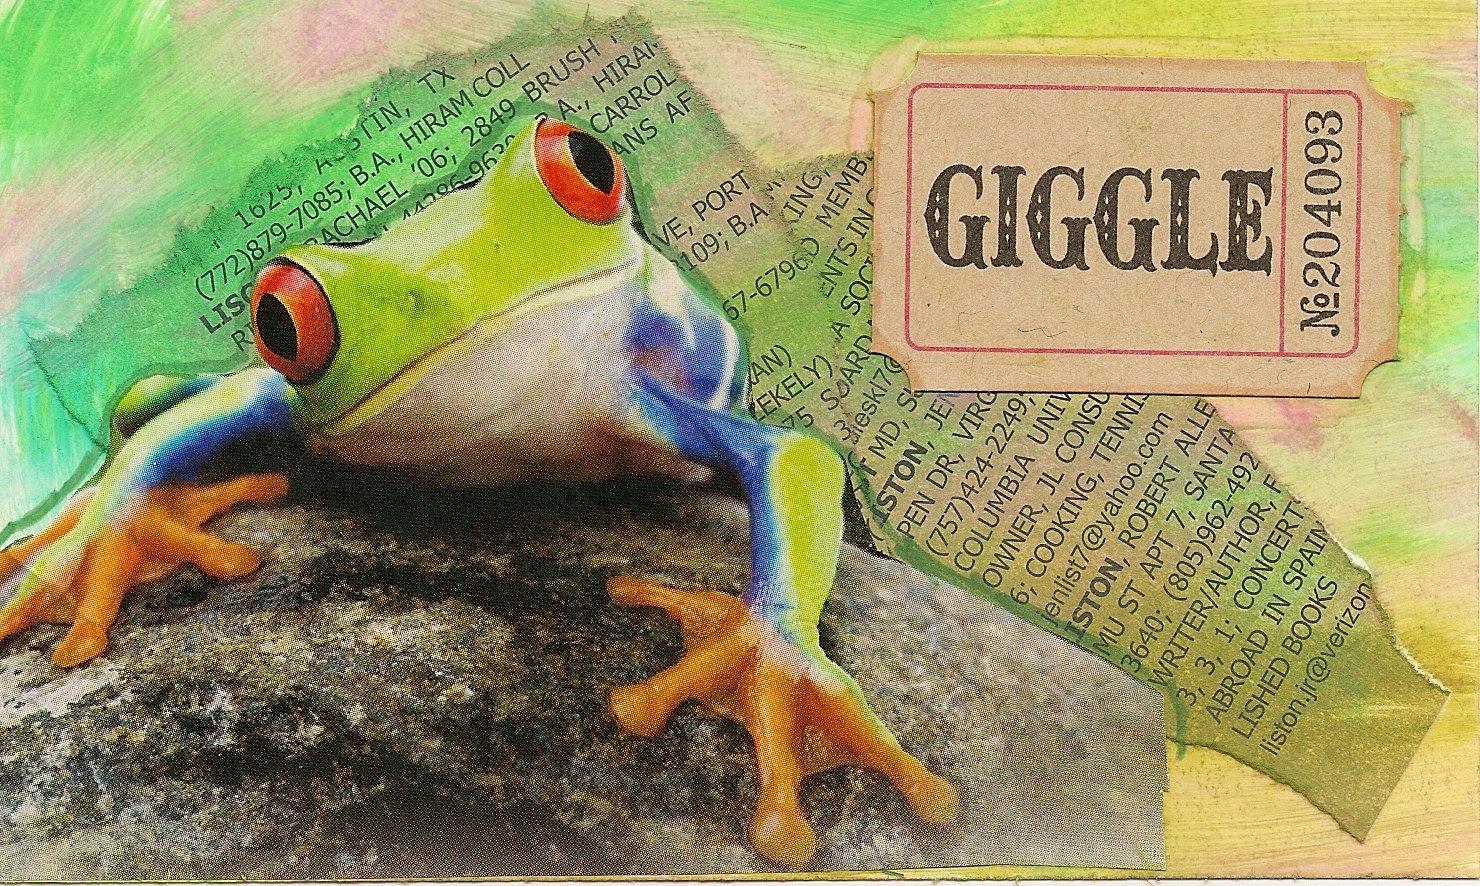 ICAD - Giggle